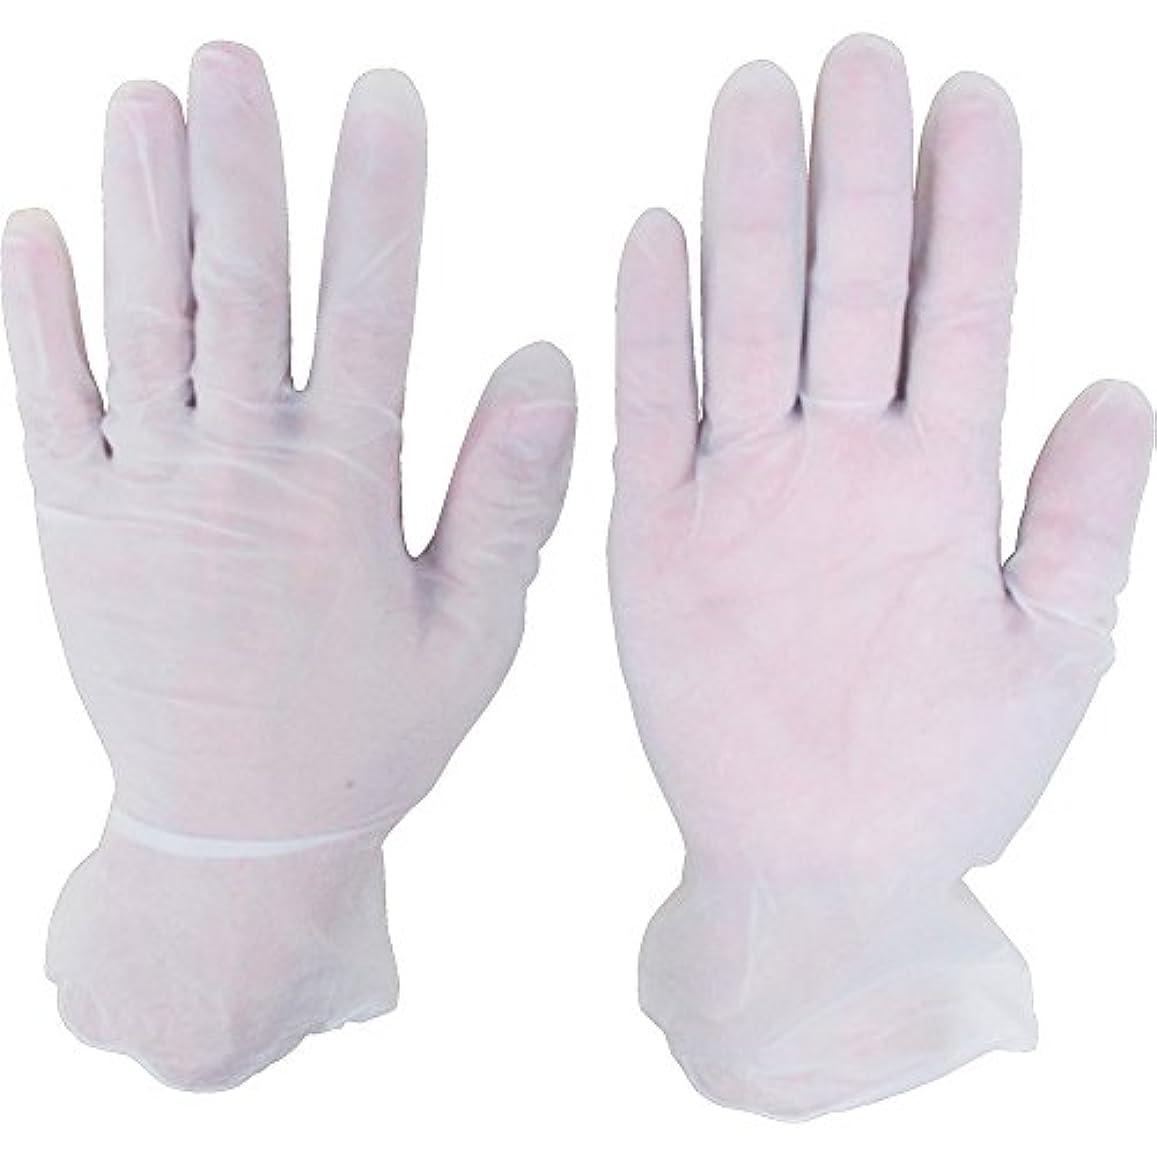 シンガー プラスチックグローブNo8100PF Lサイズ (100枚入) D201-L ビニール使い捨て手袋